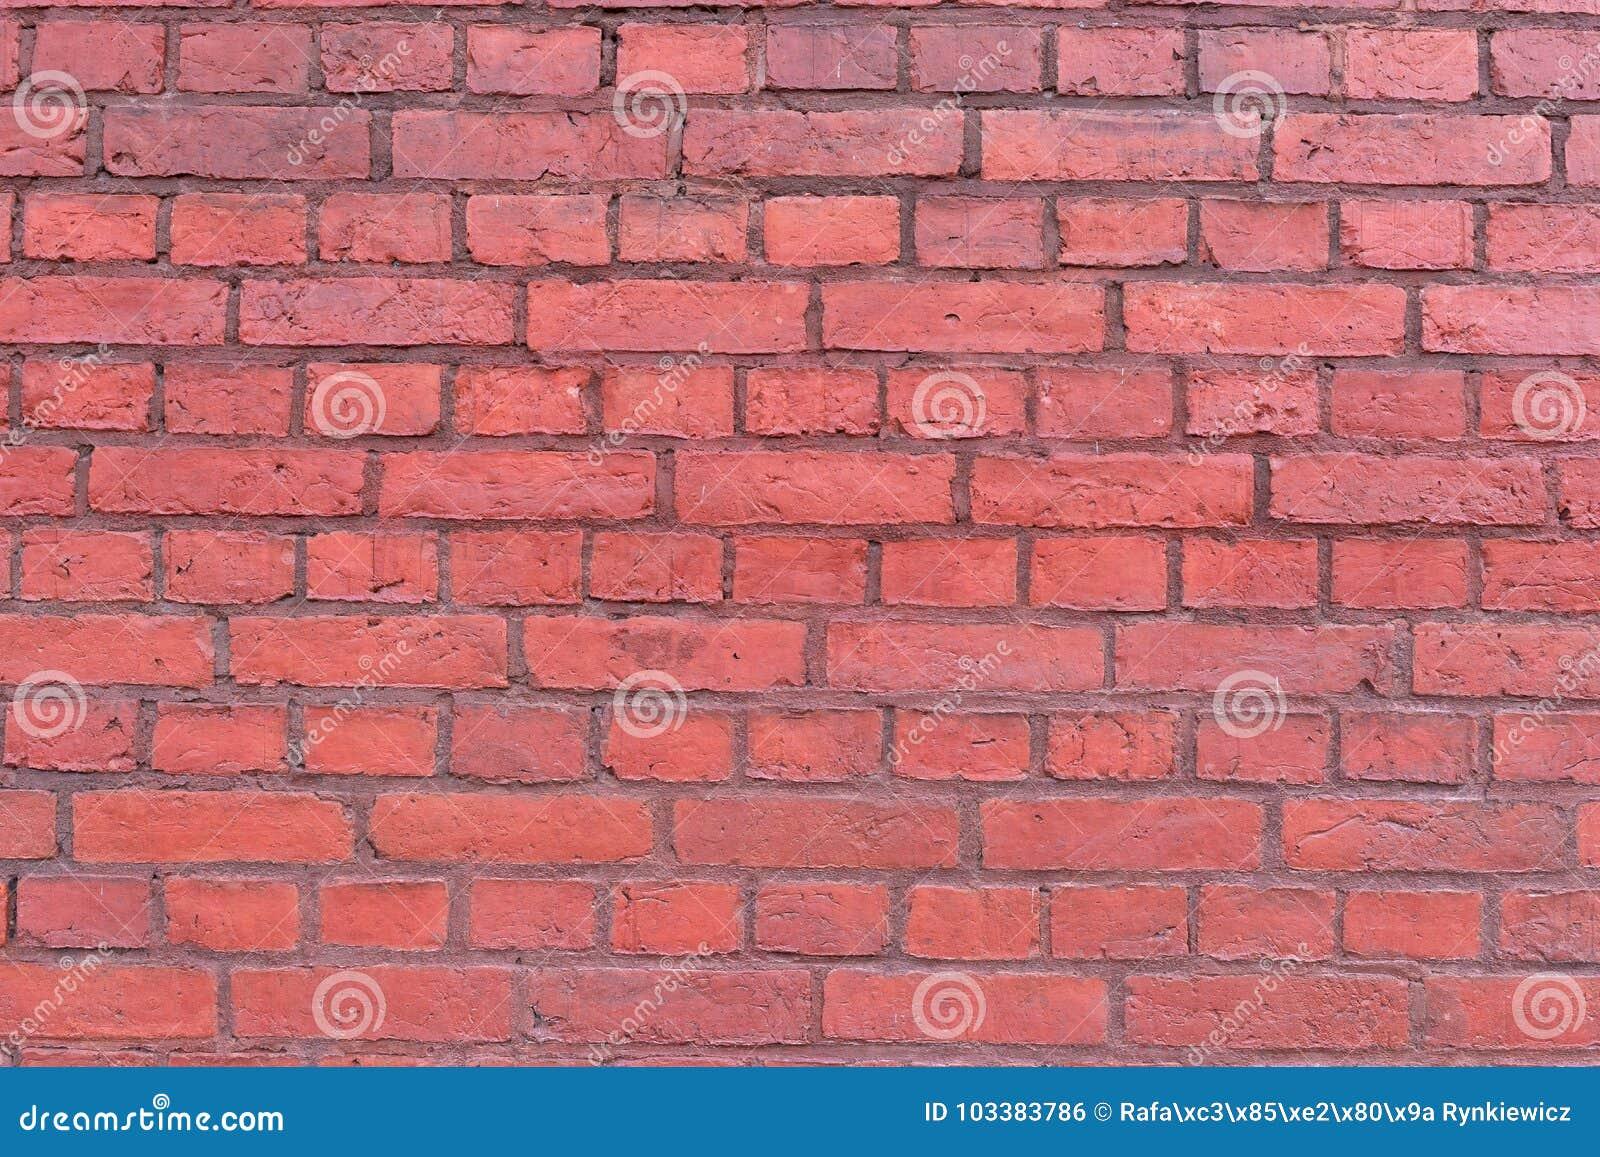 Hintergrund Der Alten Backsteinmauermusterbeschaffenheit Stockfoto   Bild von ...